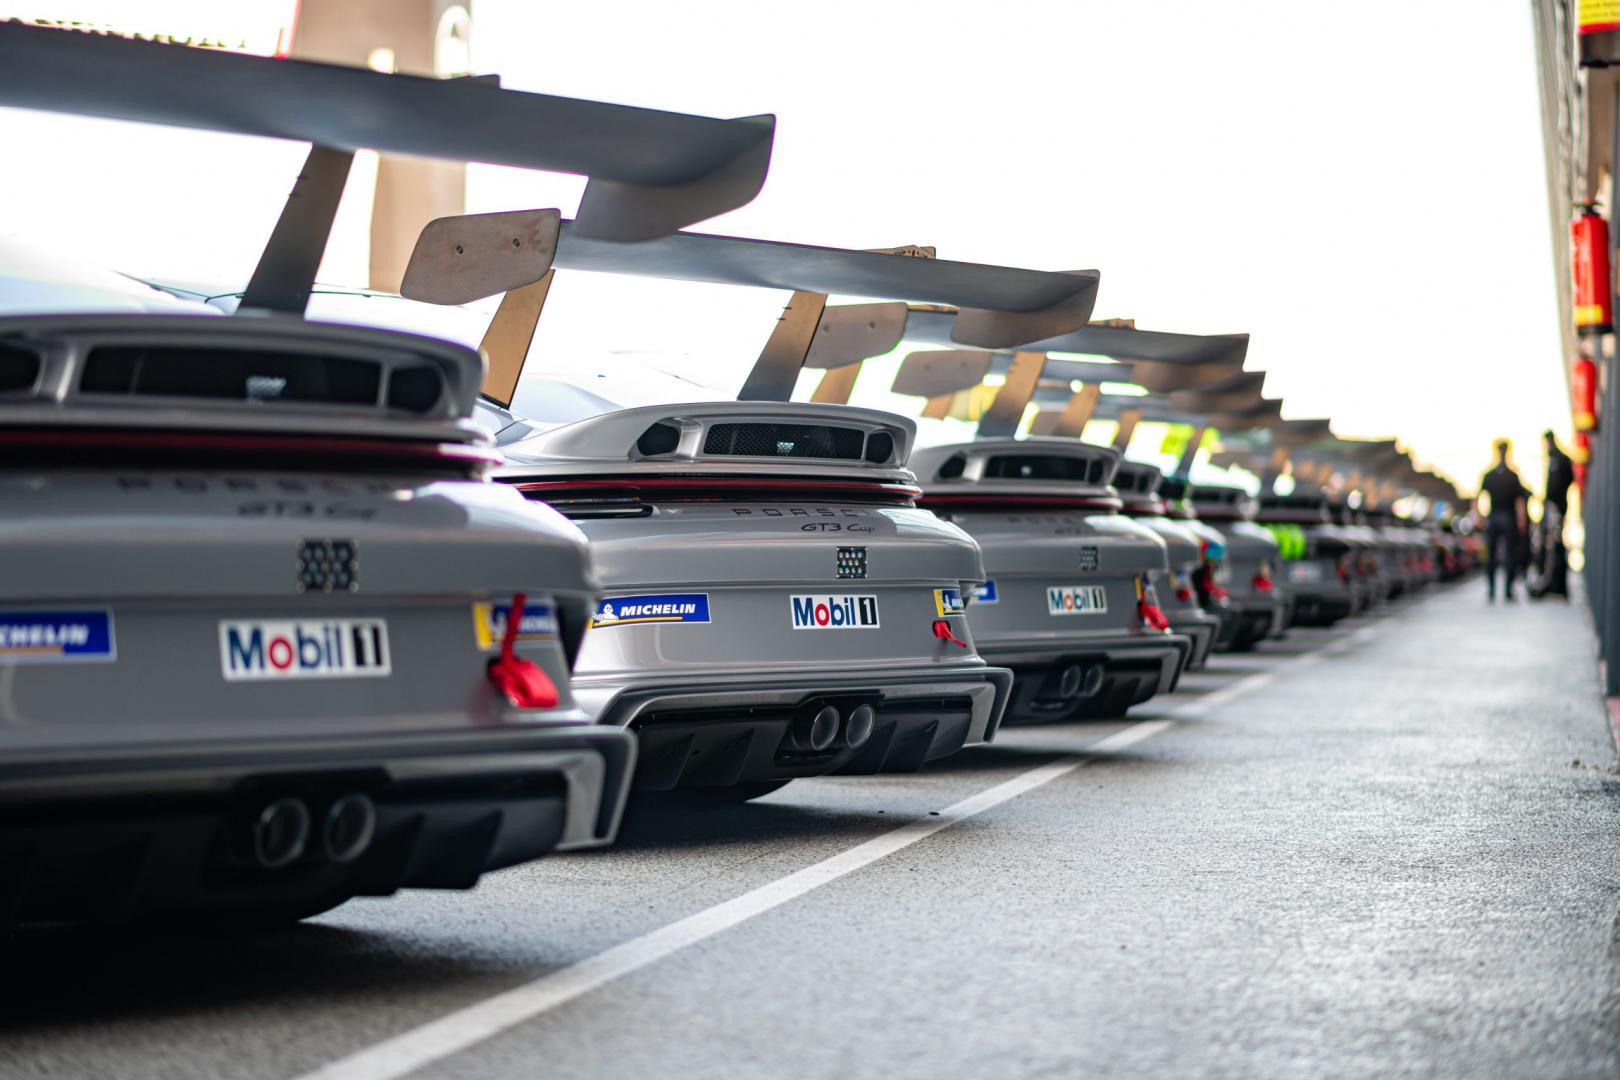 Porsche 911 GT3 Cup (992) opgesteld in de pitstraat van Circuit Zandvoort - achterspoilers